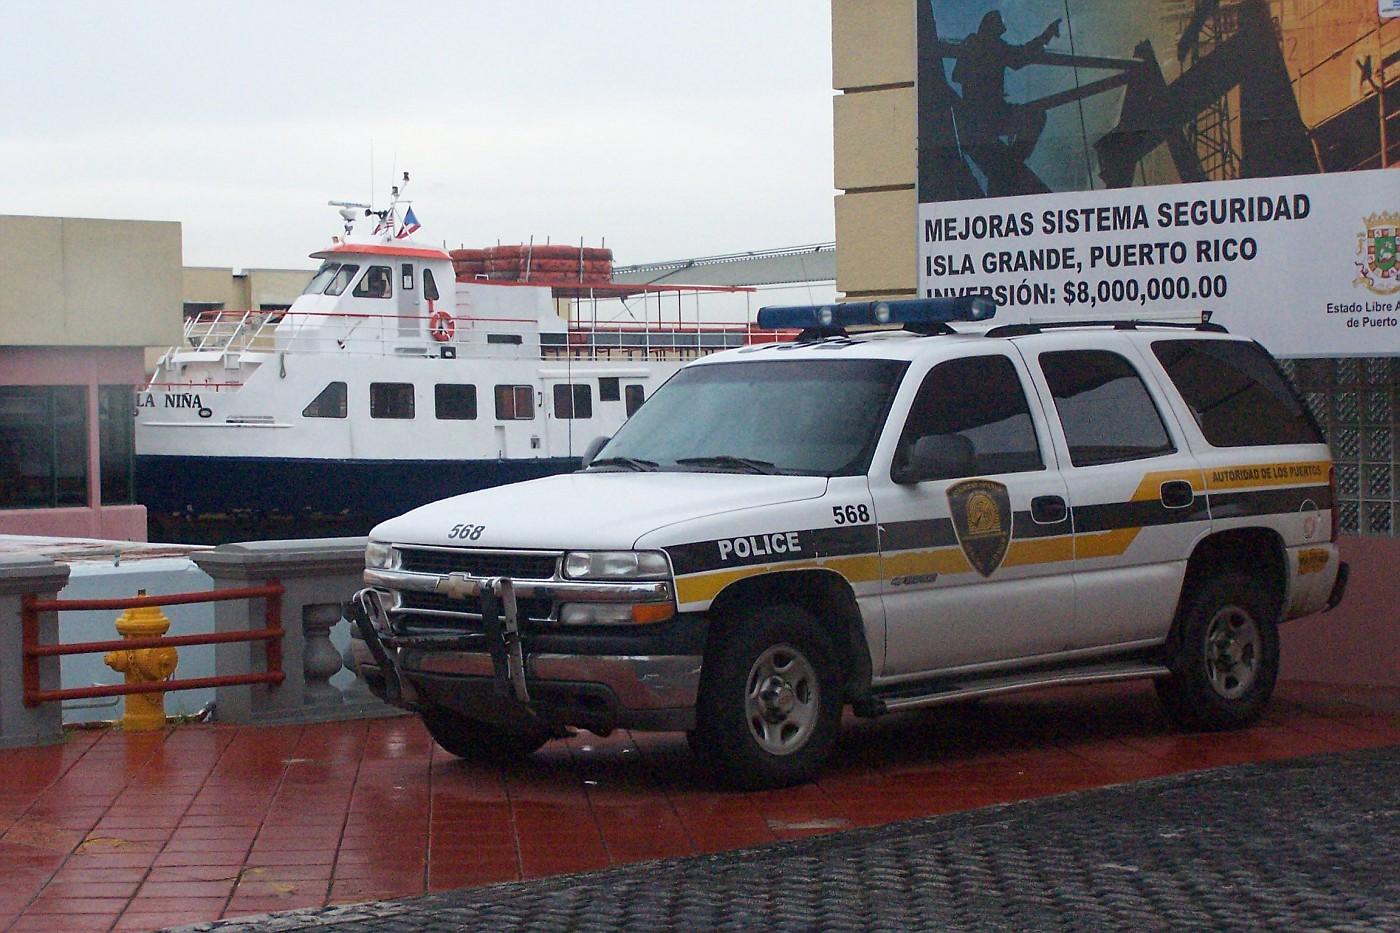 PR - Port Authority Police